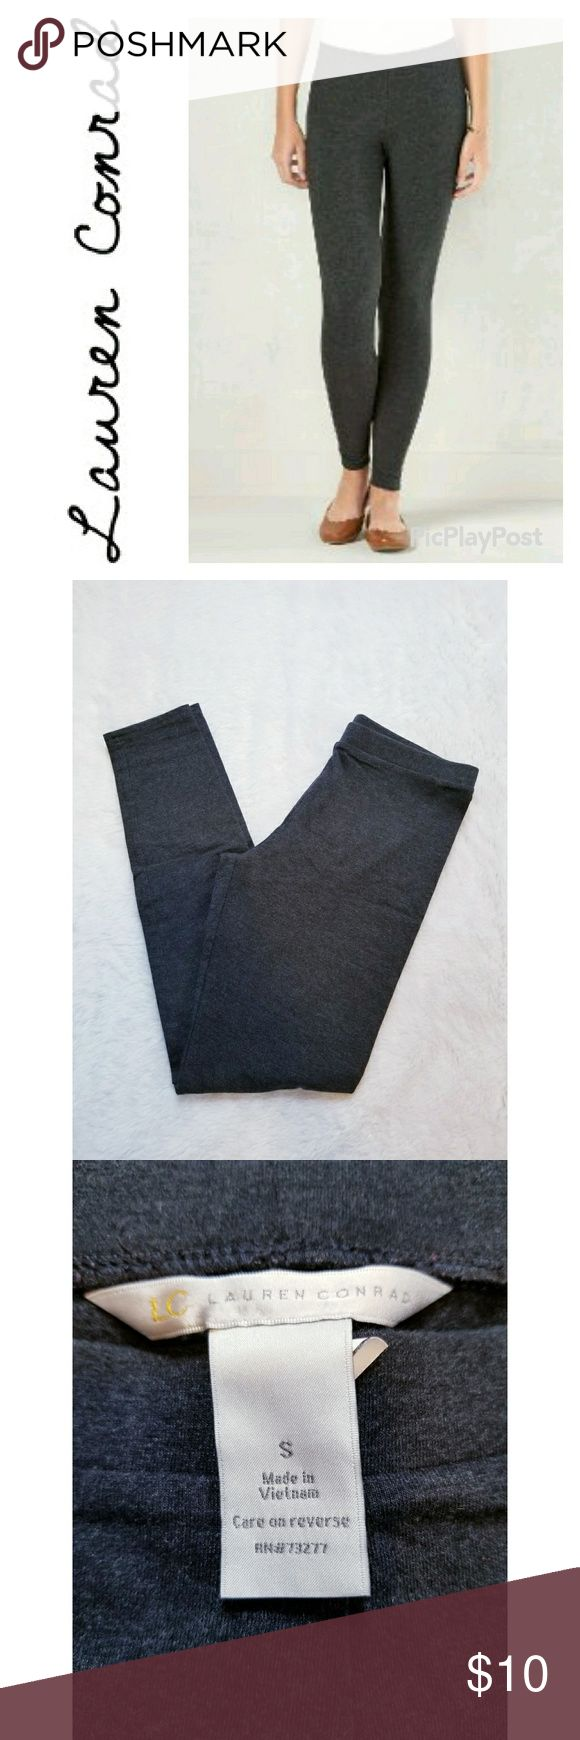 💥BOGO FREE💥 Lauren Conrad Charcoal Leggings Lauren Conrad brand solid charcoal leggings. Great pre-owned condition. 27 inch inseam. LC Lauren Conrad Pants Leggings